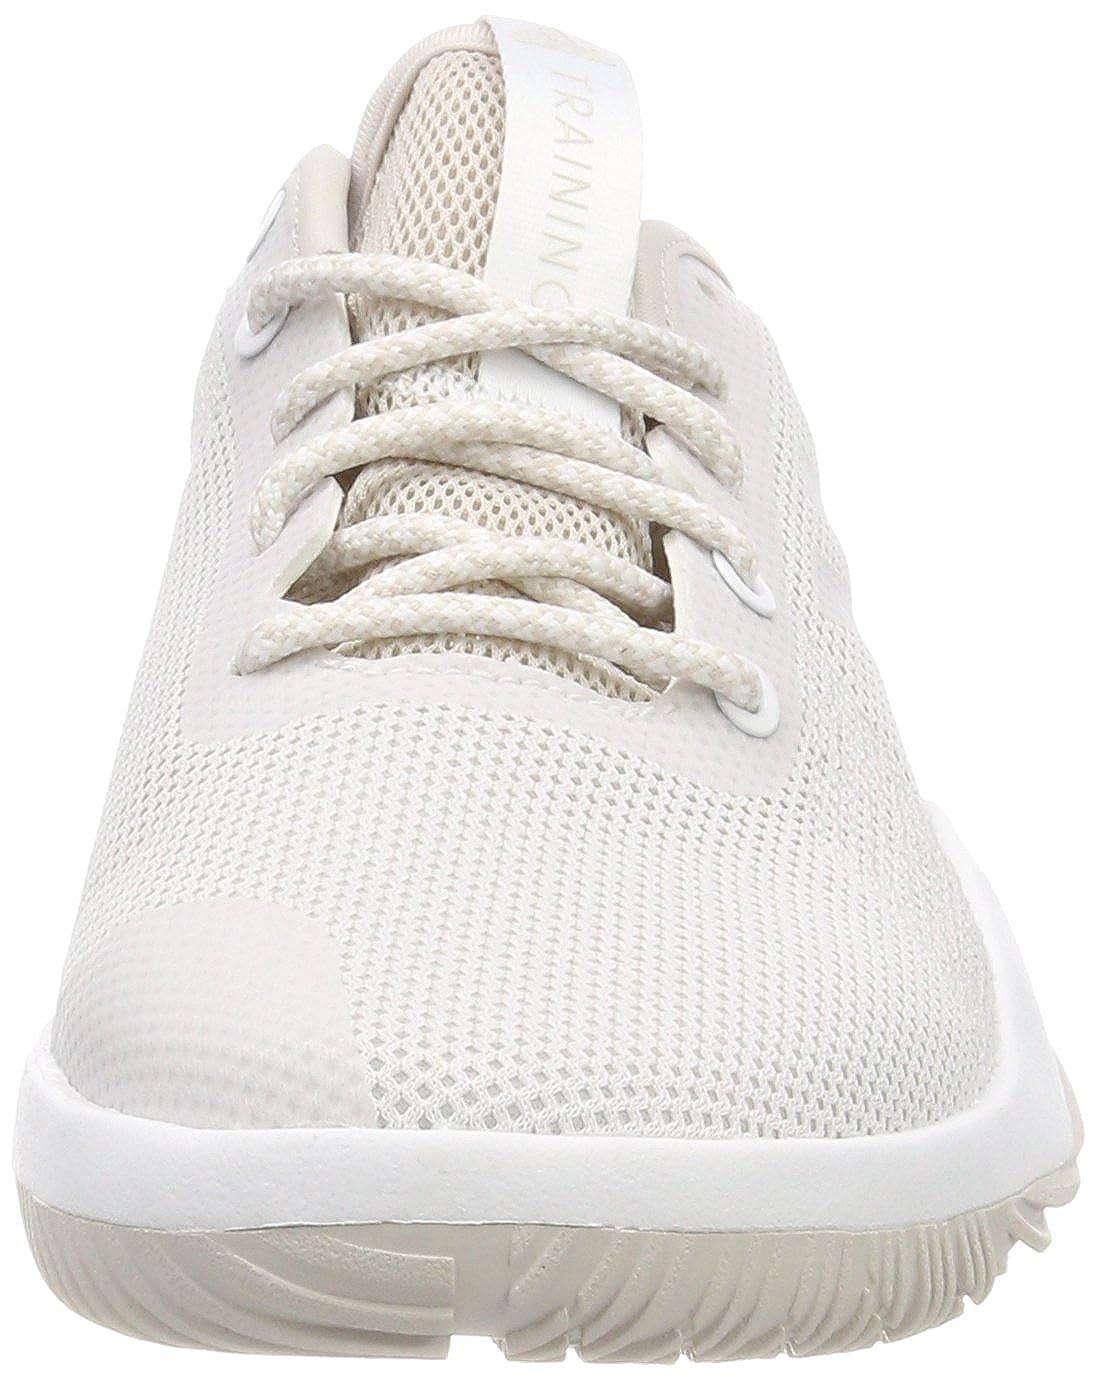 Adidas Damen Crazytrain Lt Fitnessschuhe Beige (Chalk Pearl/Footwear Weiß/Chalk Weiß/Chalk Weiß/Chalk Pearl) bd6288